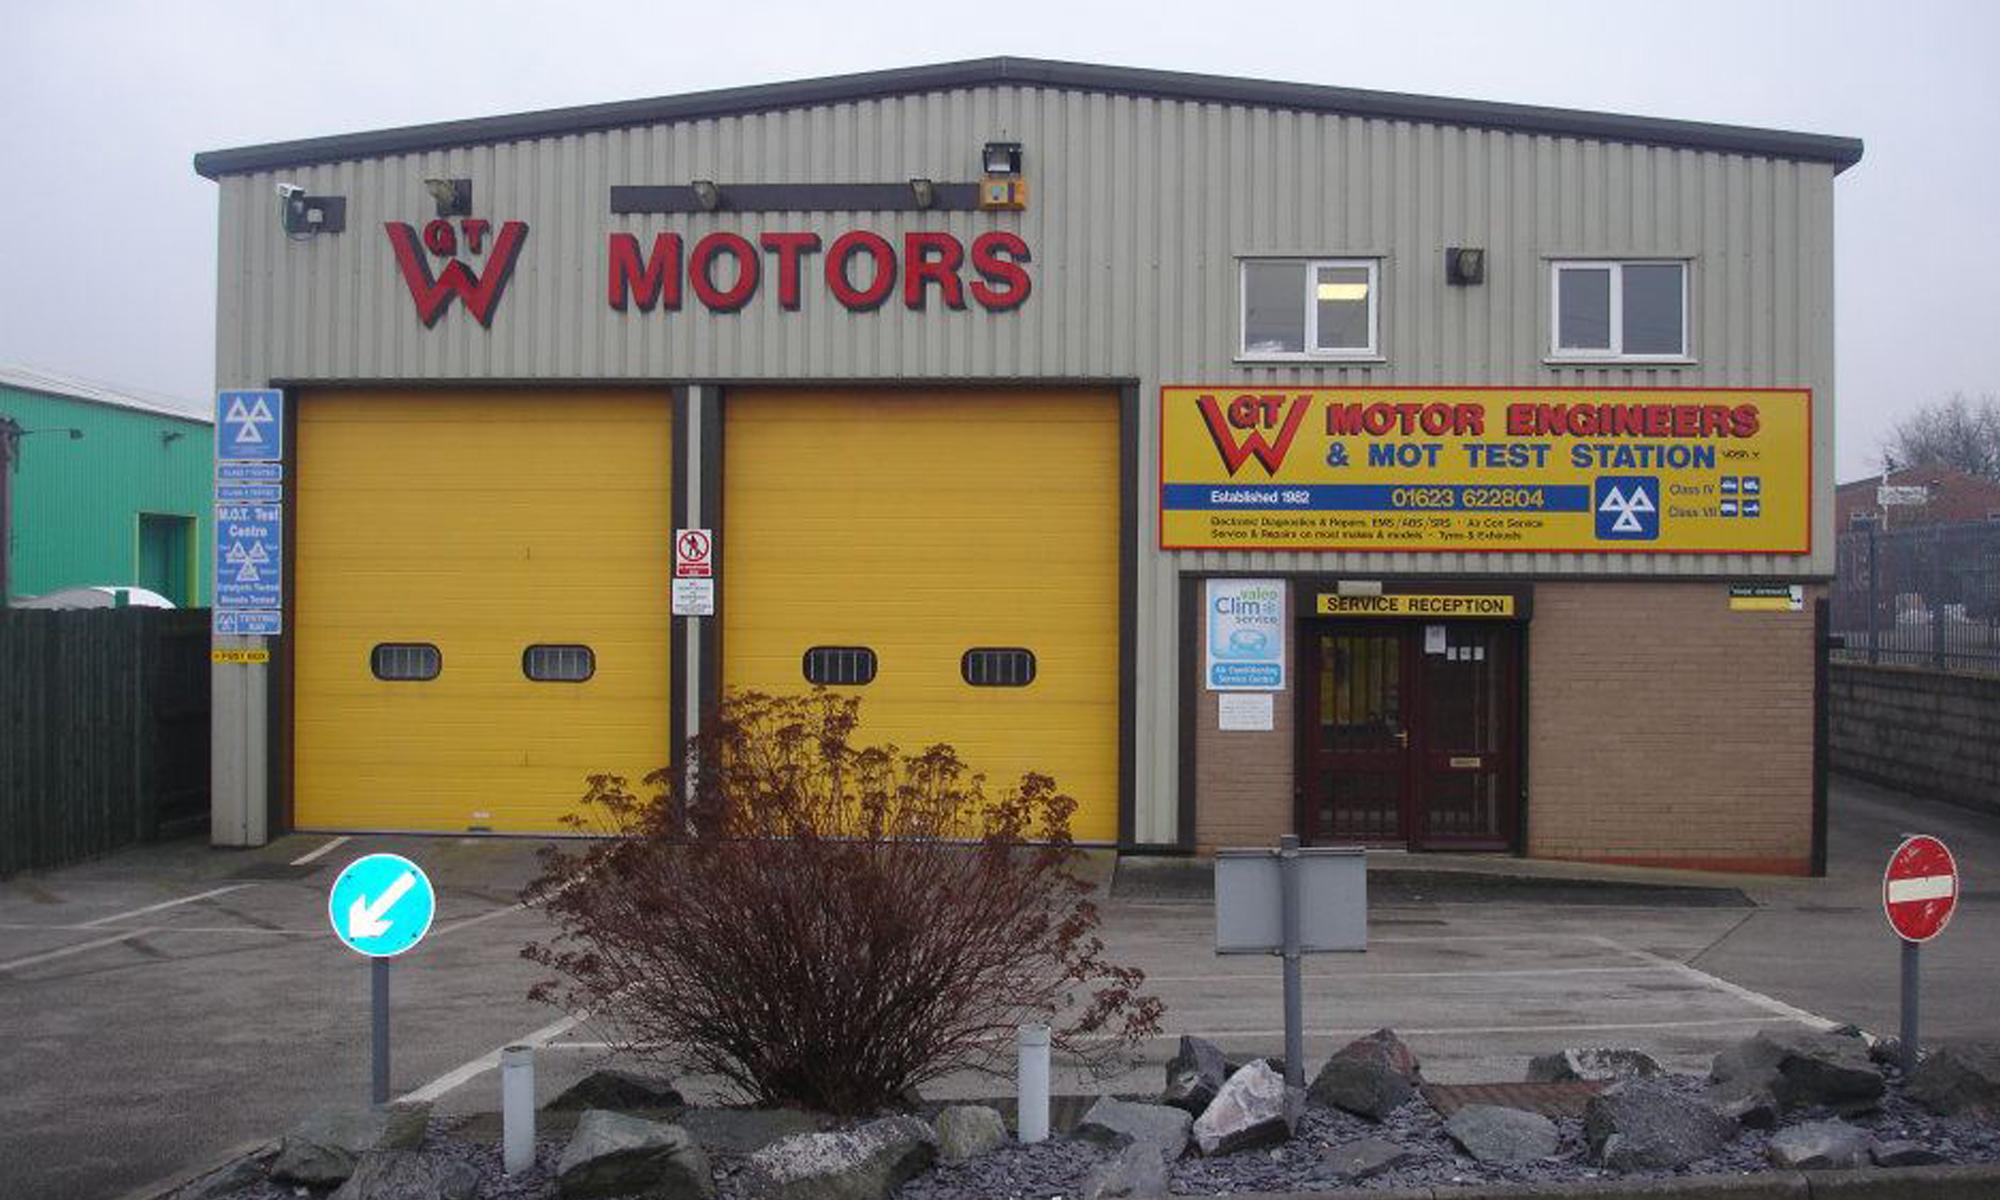 GTW Motors